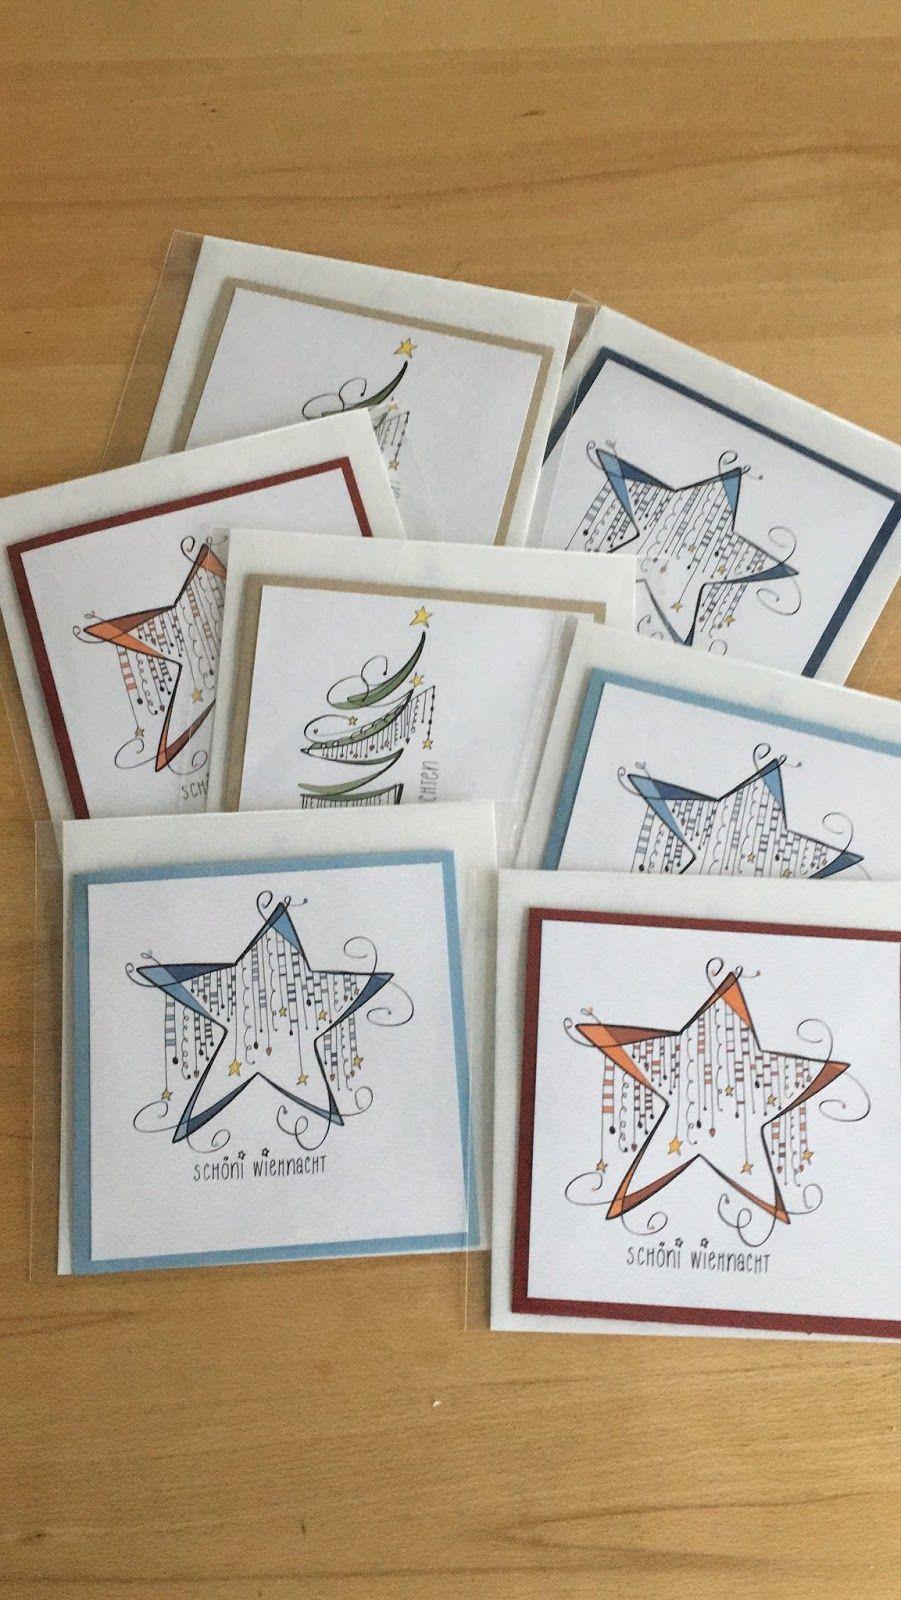 Liebe Besucher in den vergangenen Tagen sind diese Weihnachtskarten entstanden. Ich wünsche euch allen einen schönen 1. Advent. ...